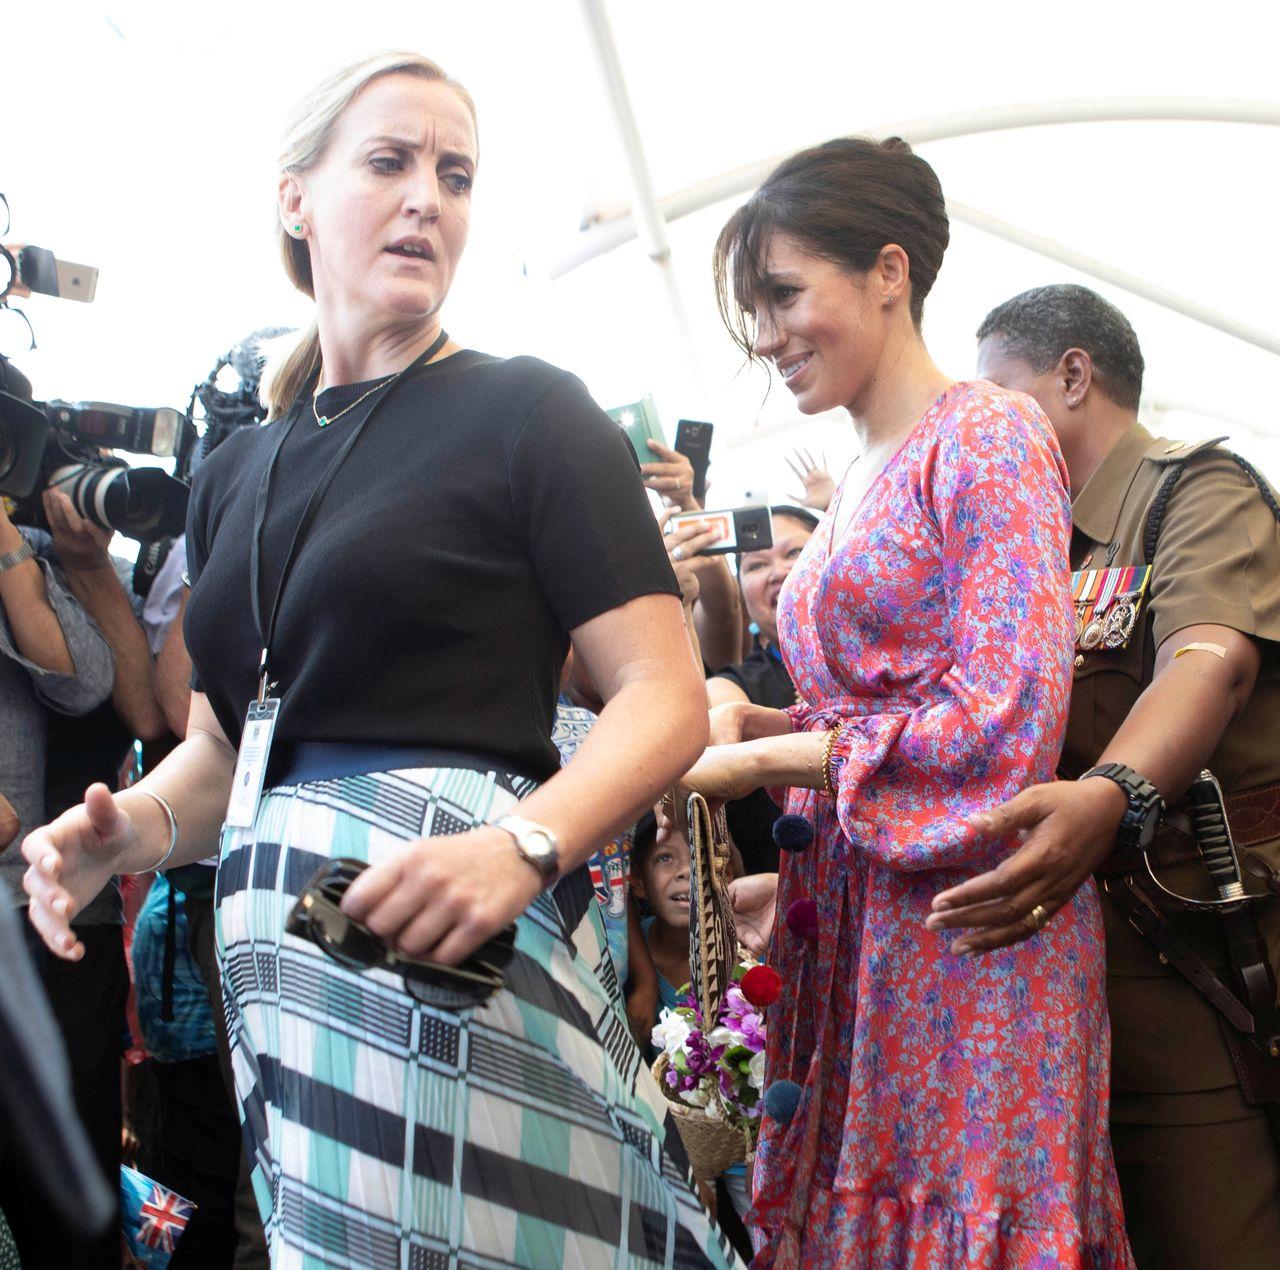 Księżna Meghan EWAKUOWANA z targowiska! (ZDJĘCIA)